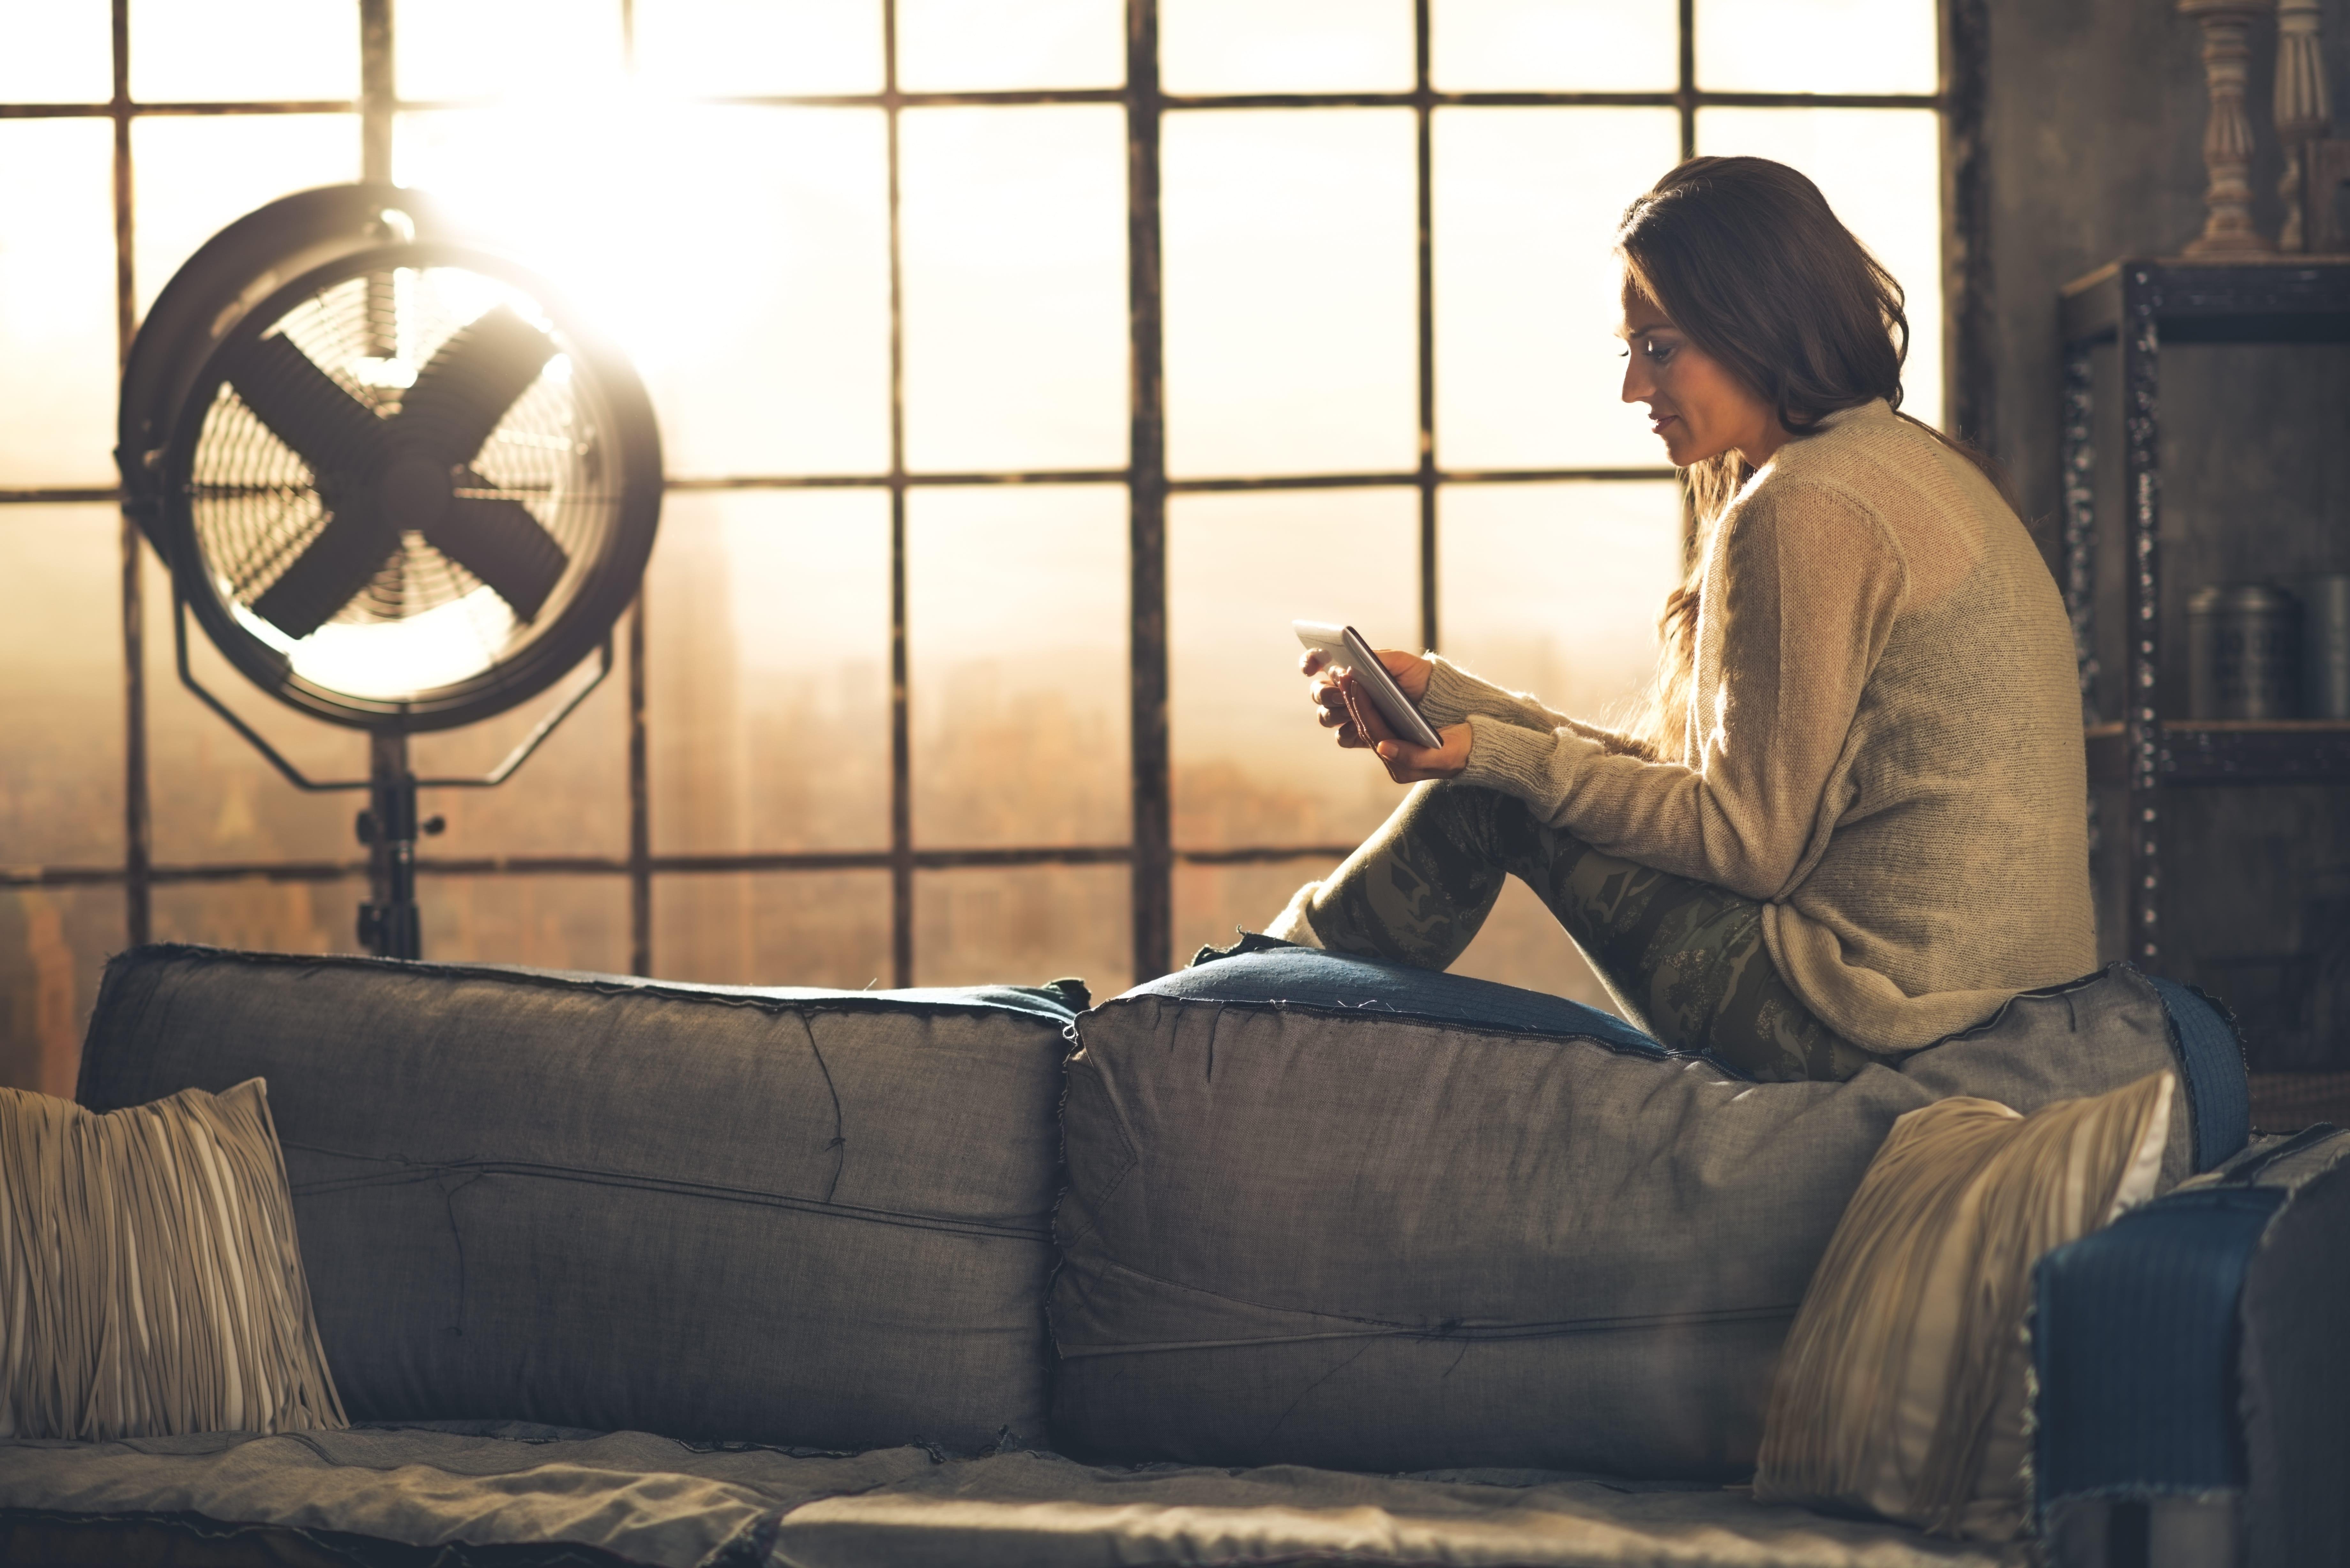 Ventilator richtig nutzen: Einsatzgebiete und Richtlinien für die Nutzung in Wohnungen